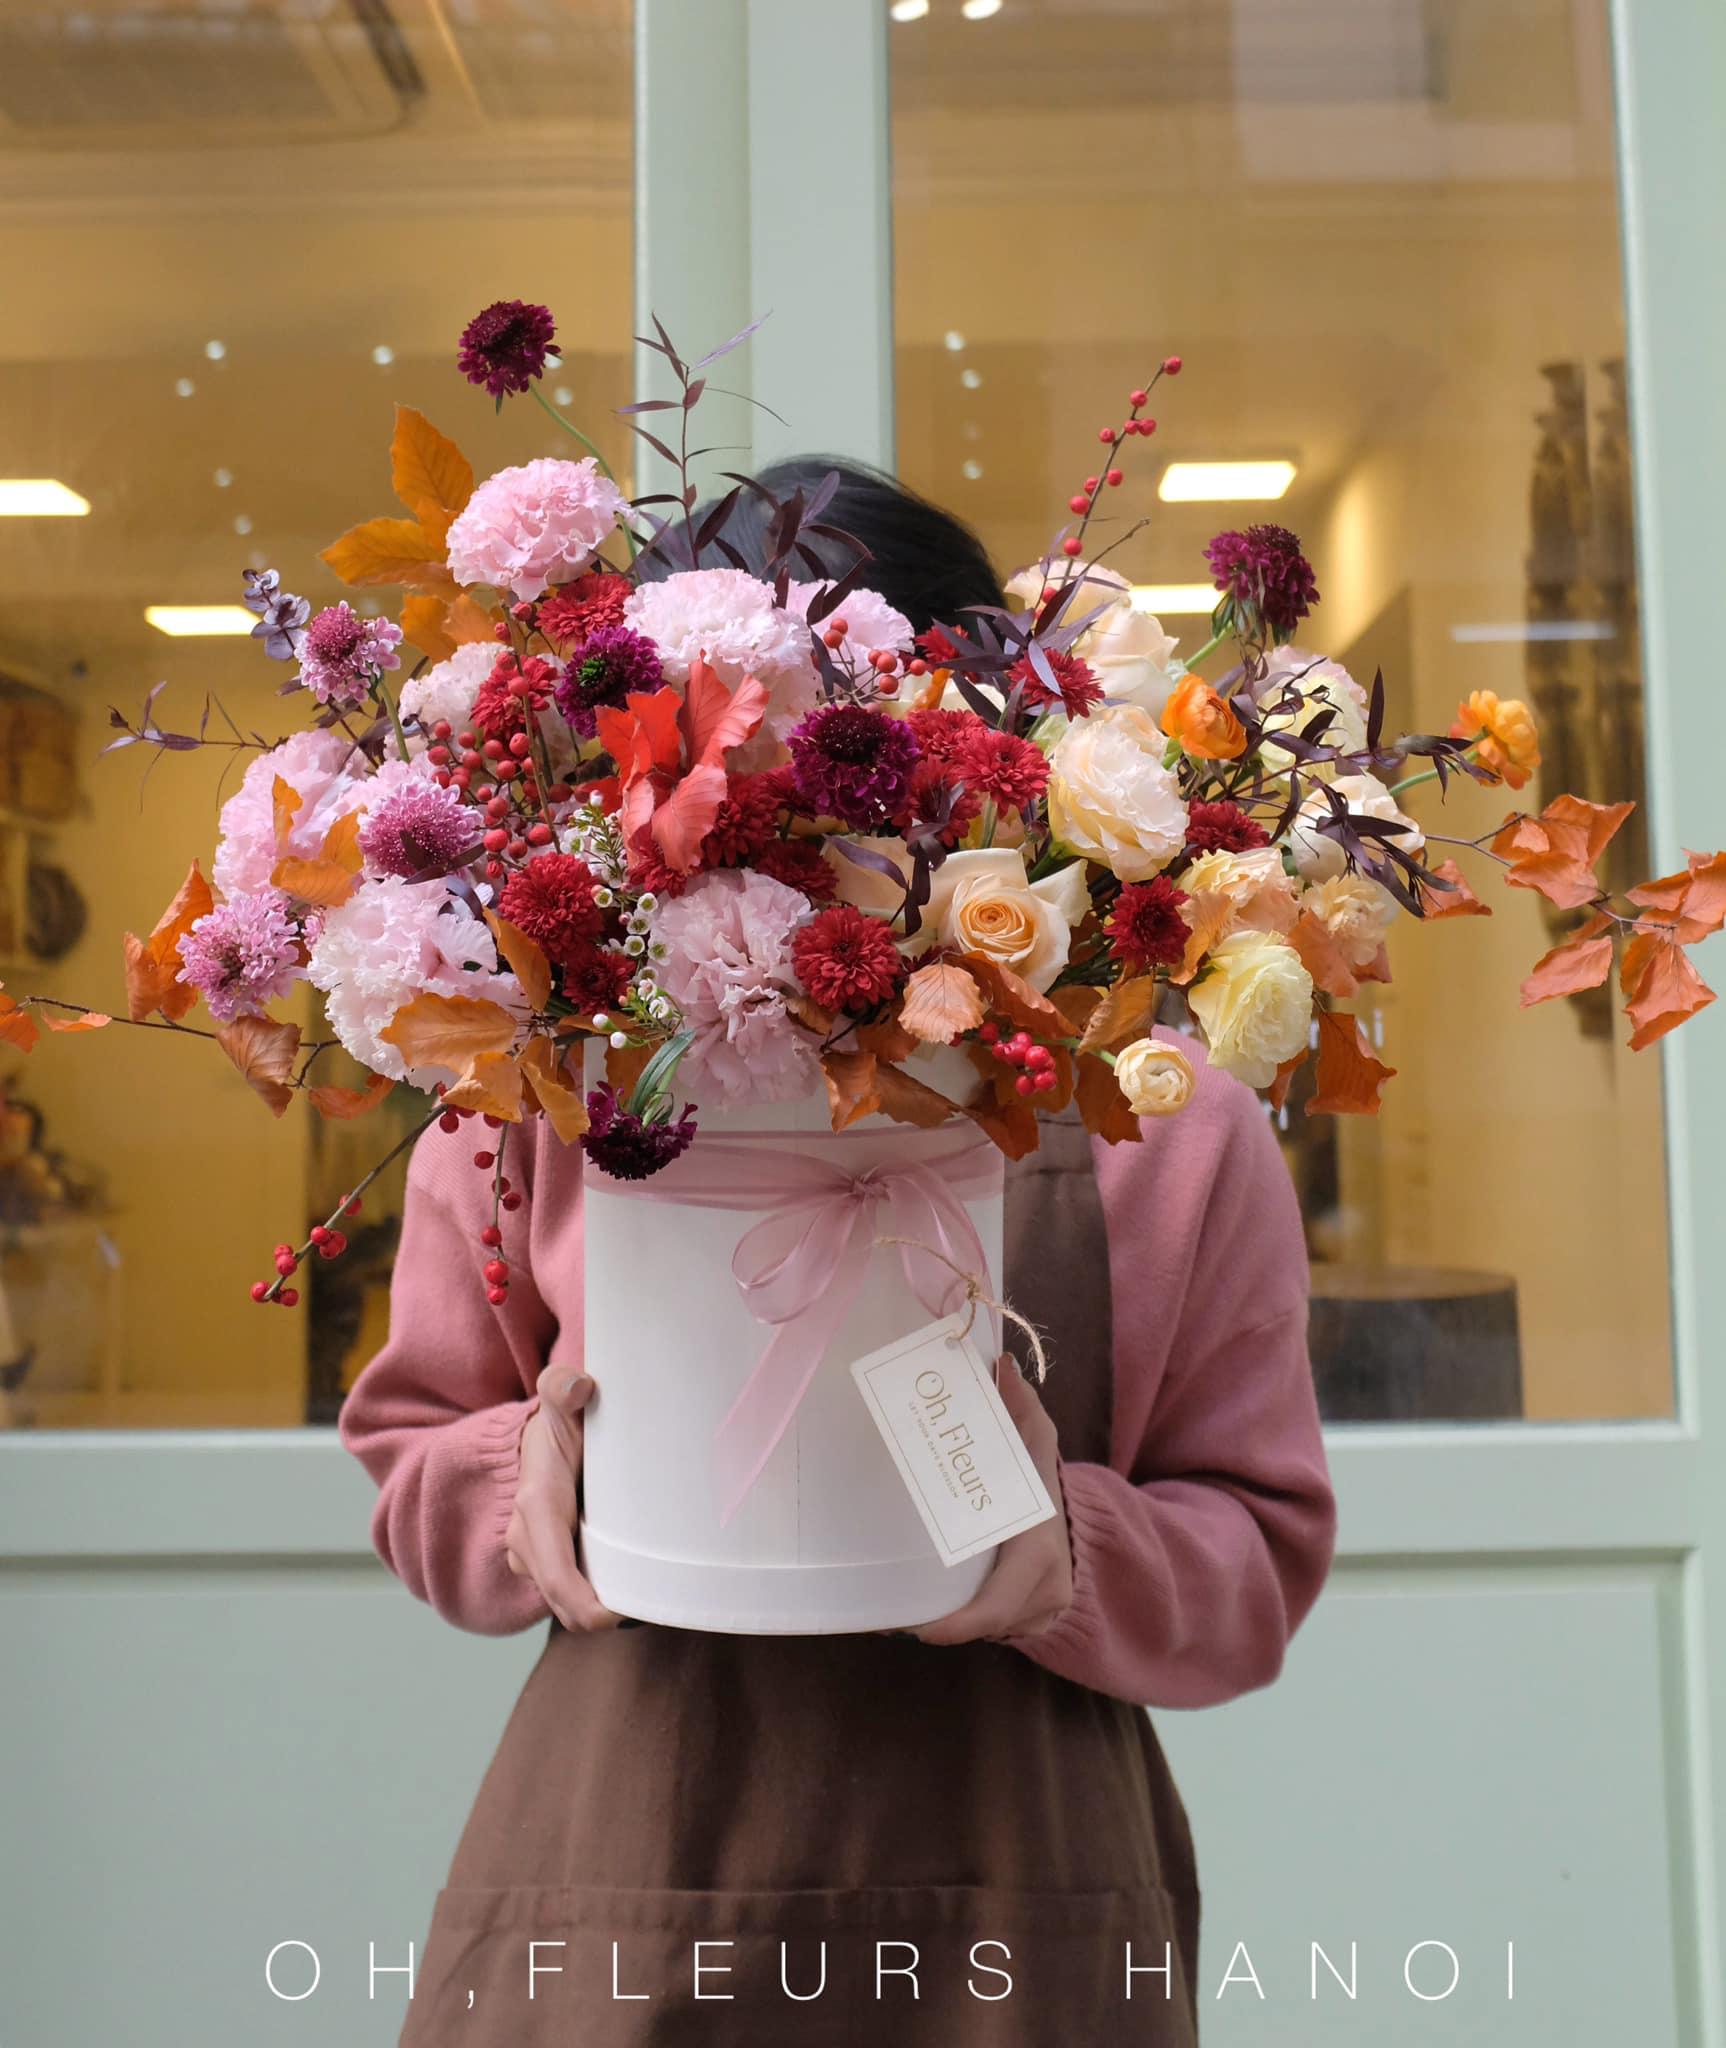 Tham khảo các mẫu lẵng hoa đẹp ngày 8/3 dành tặng phái nữ  - Ảnh 6.